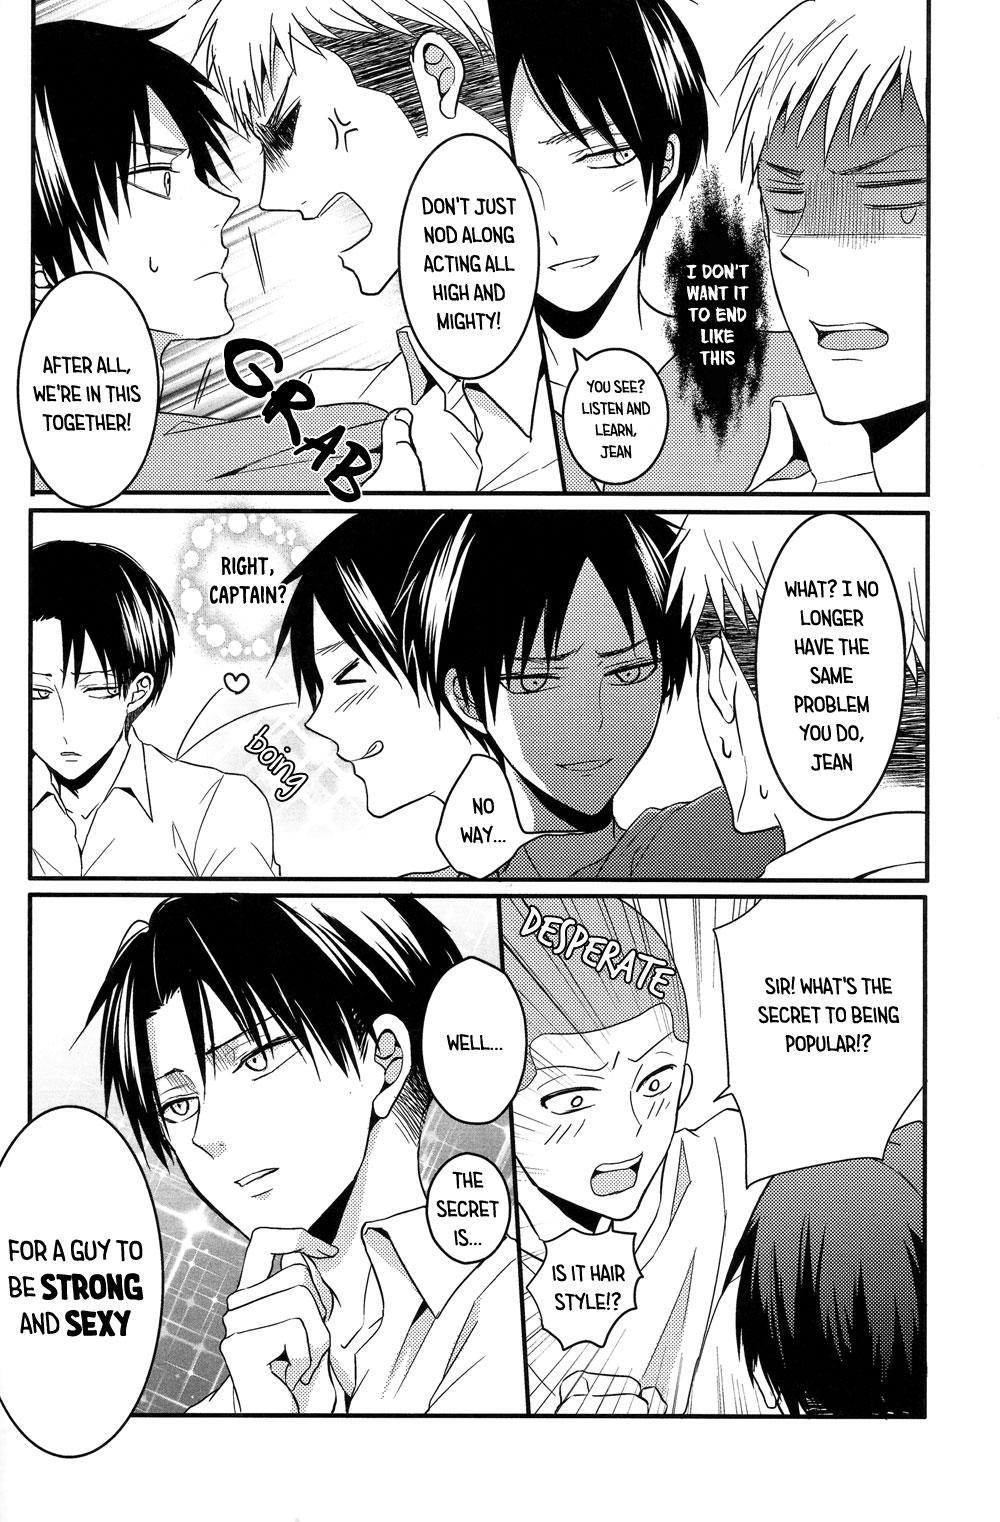 Shinpei no Dokusen yoku ga tsuyo sugite komaru. | The Newbie's Desire to Monopolize is Just Too Strong 6